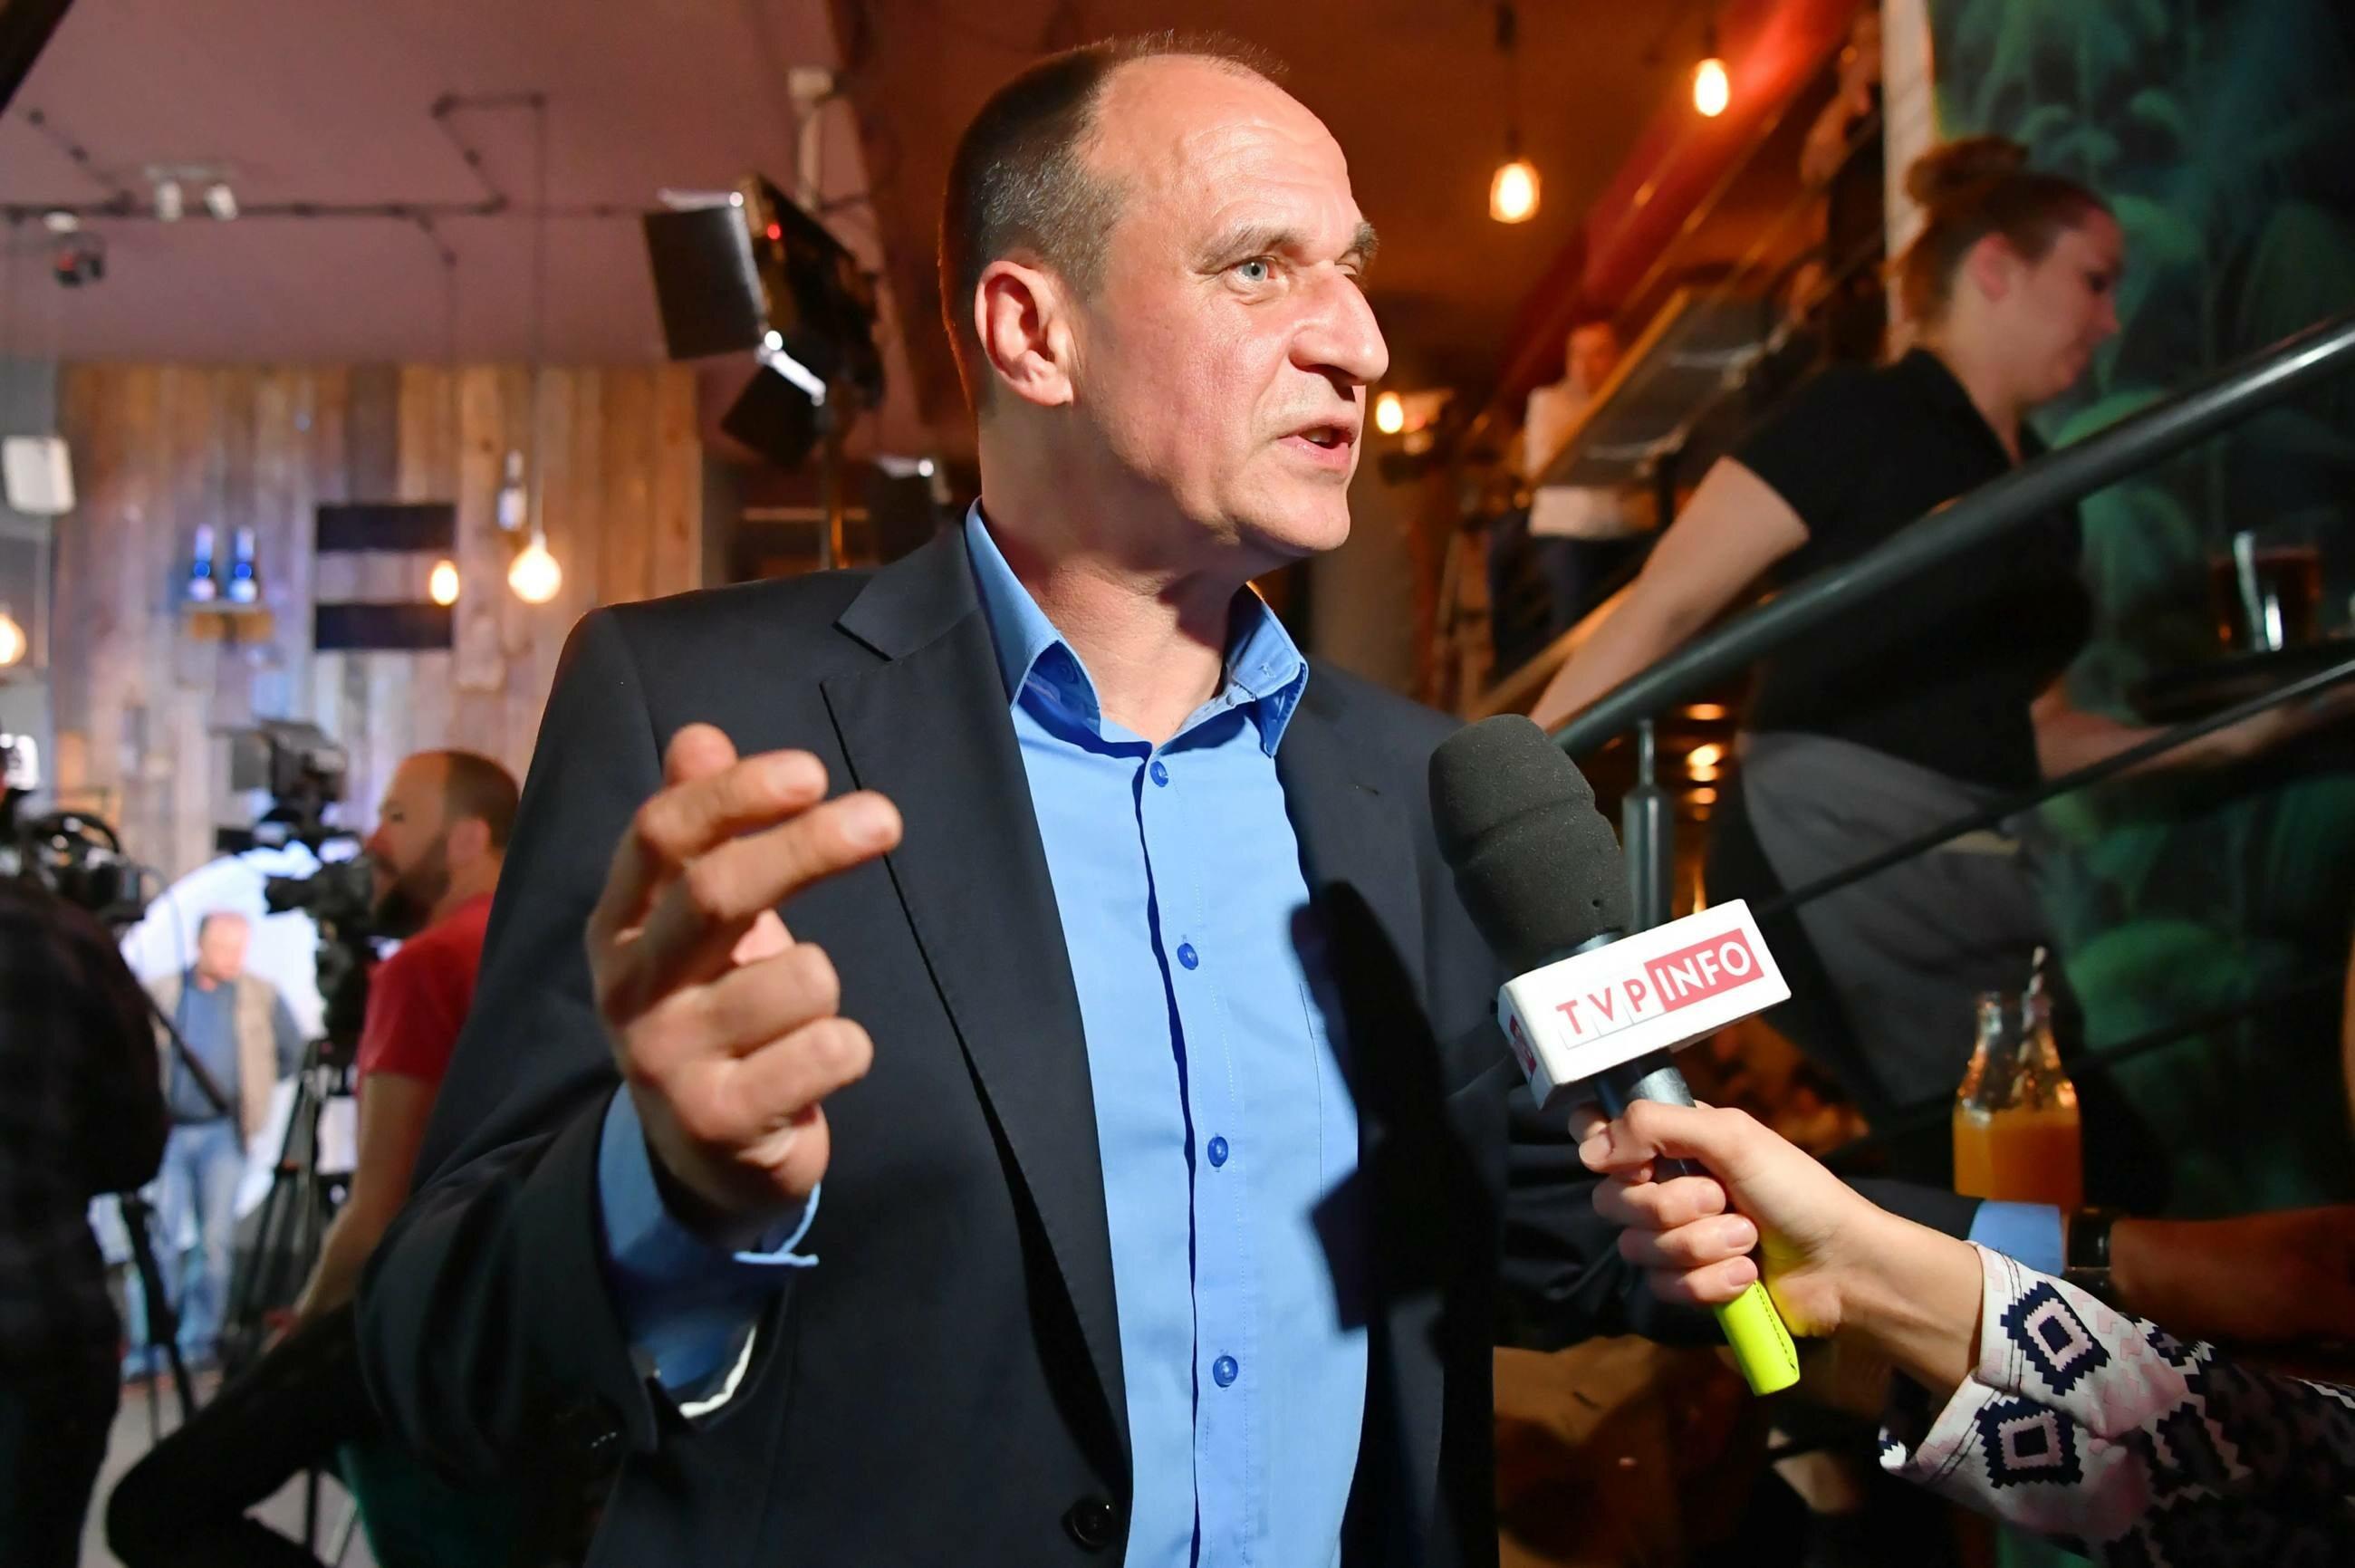 Lider partii Paweł Kukiz w sztabie wyborczym Kukiz'15 przed ogłoszeniem wyników exit poll